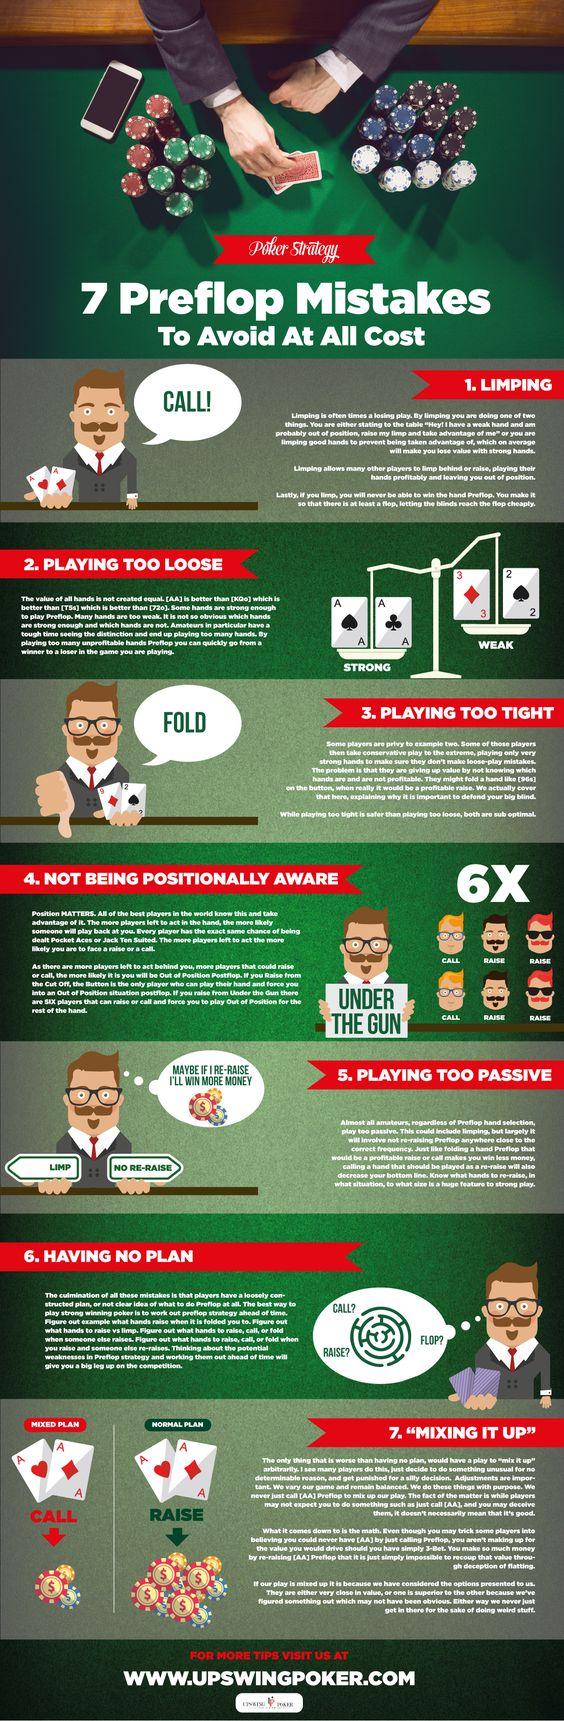 f197a1dc6faceba15b0561f2b6b2fd65 - Hati-Hati: Alasan Mengapa Anda Dilarang Bermain Poker